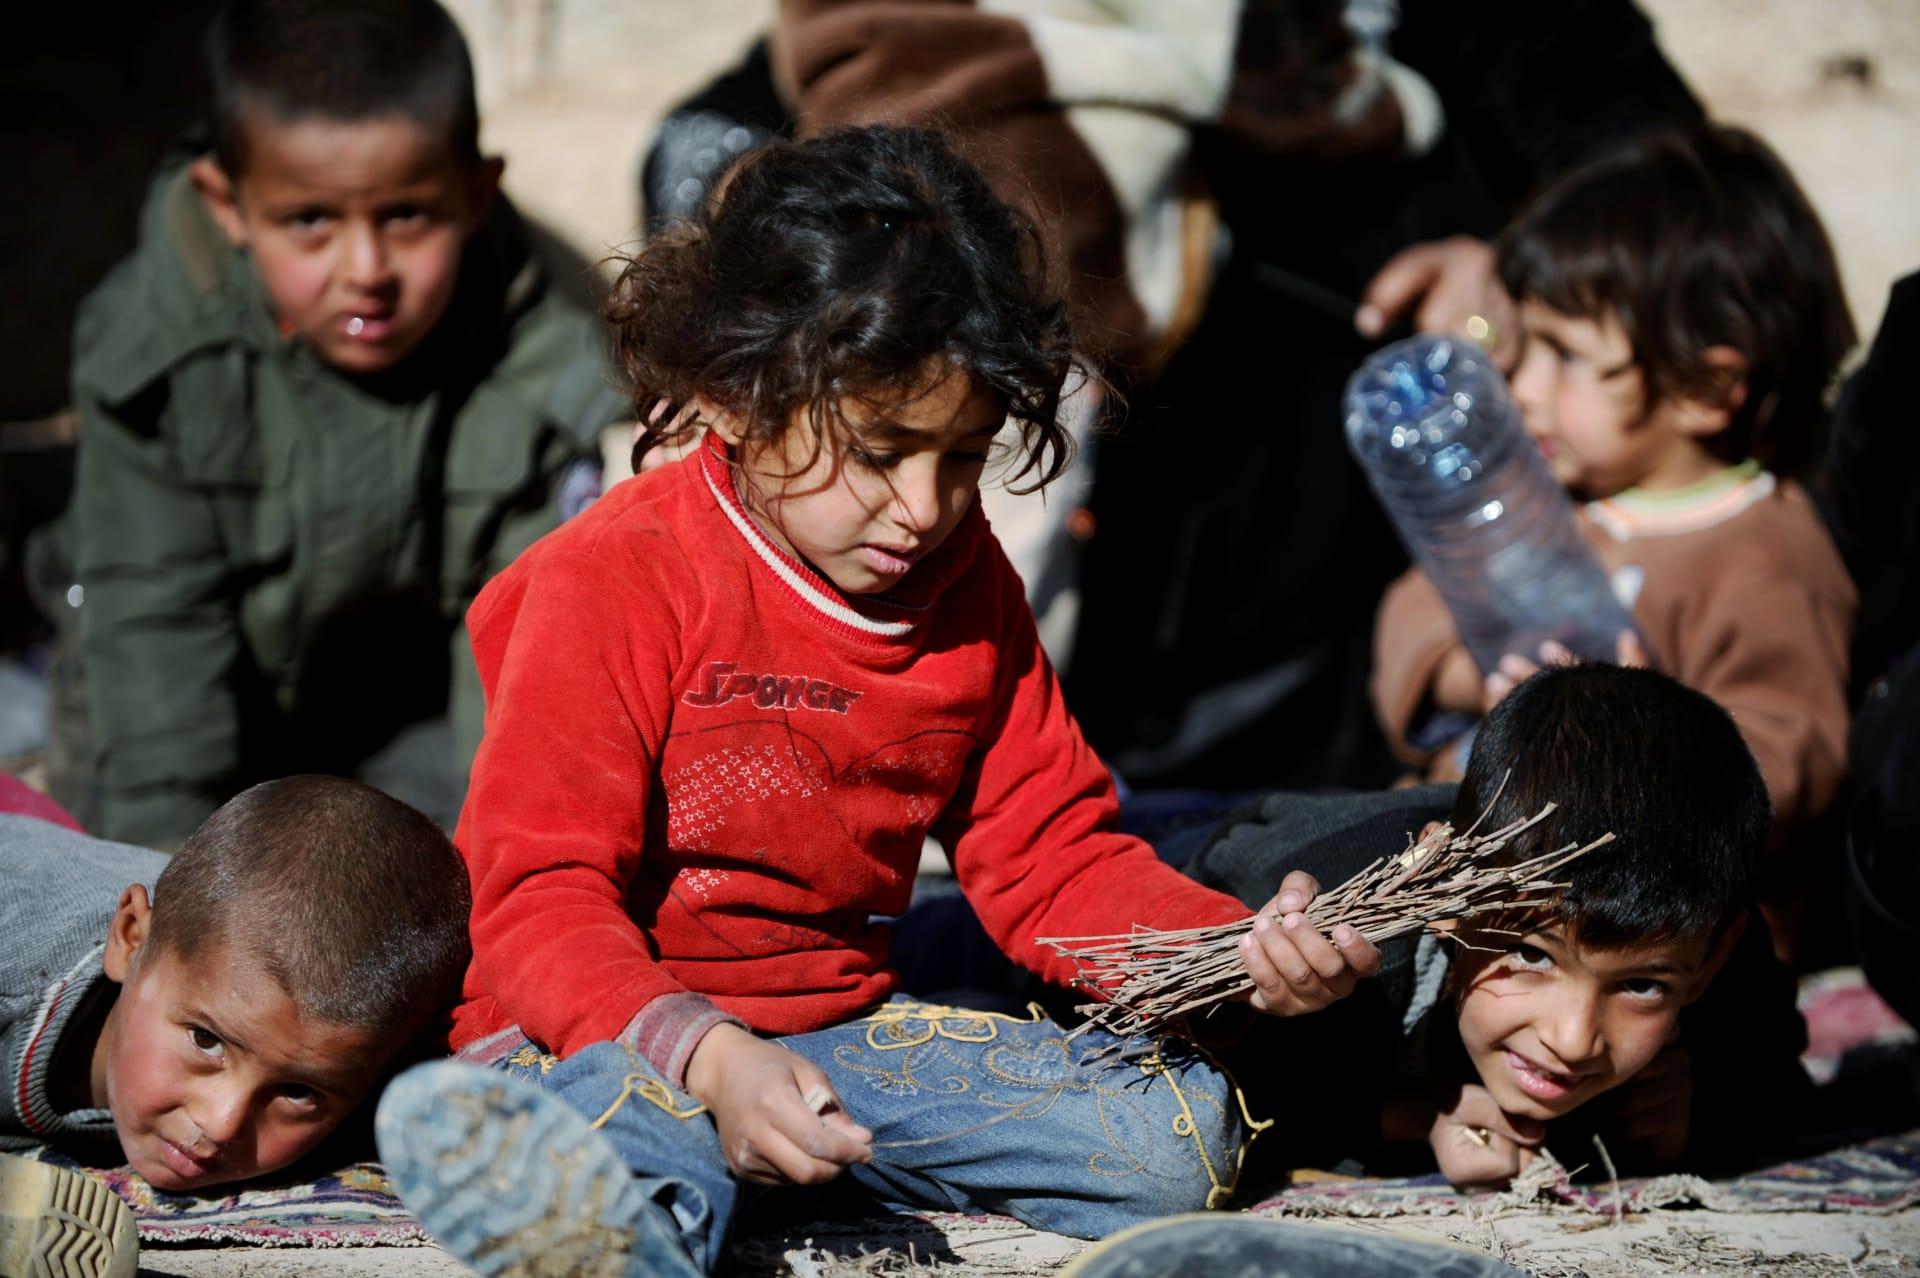 صحف العالم: أطفال سوريا يواجهون شبح الاعتداءات الجنسية